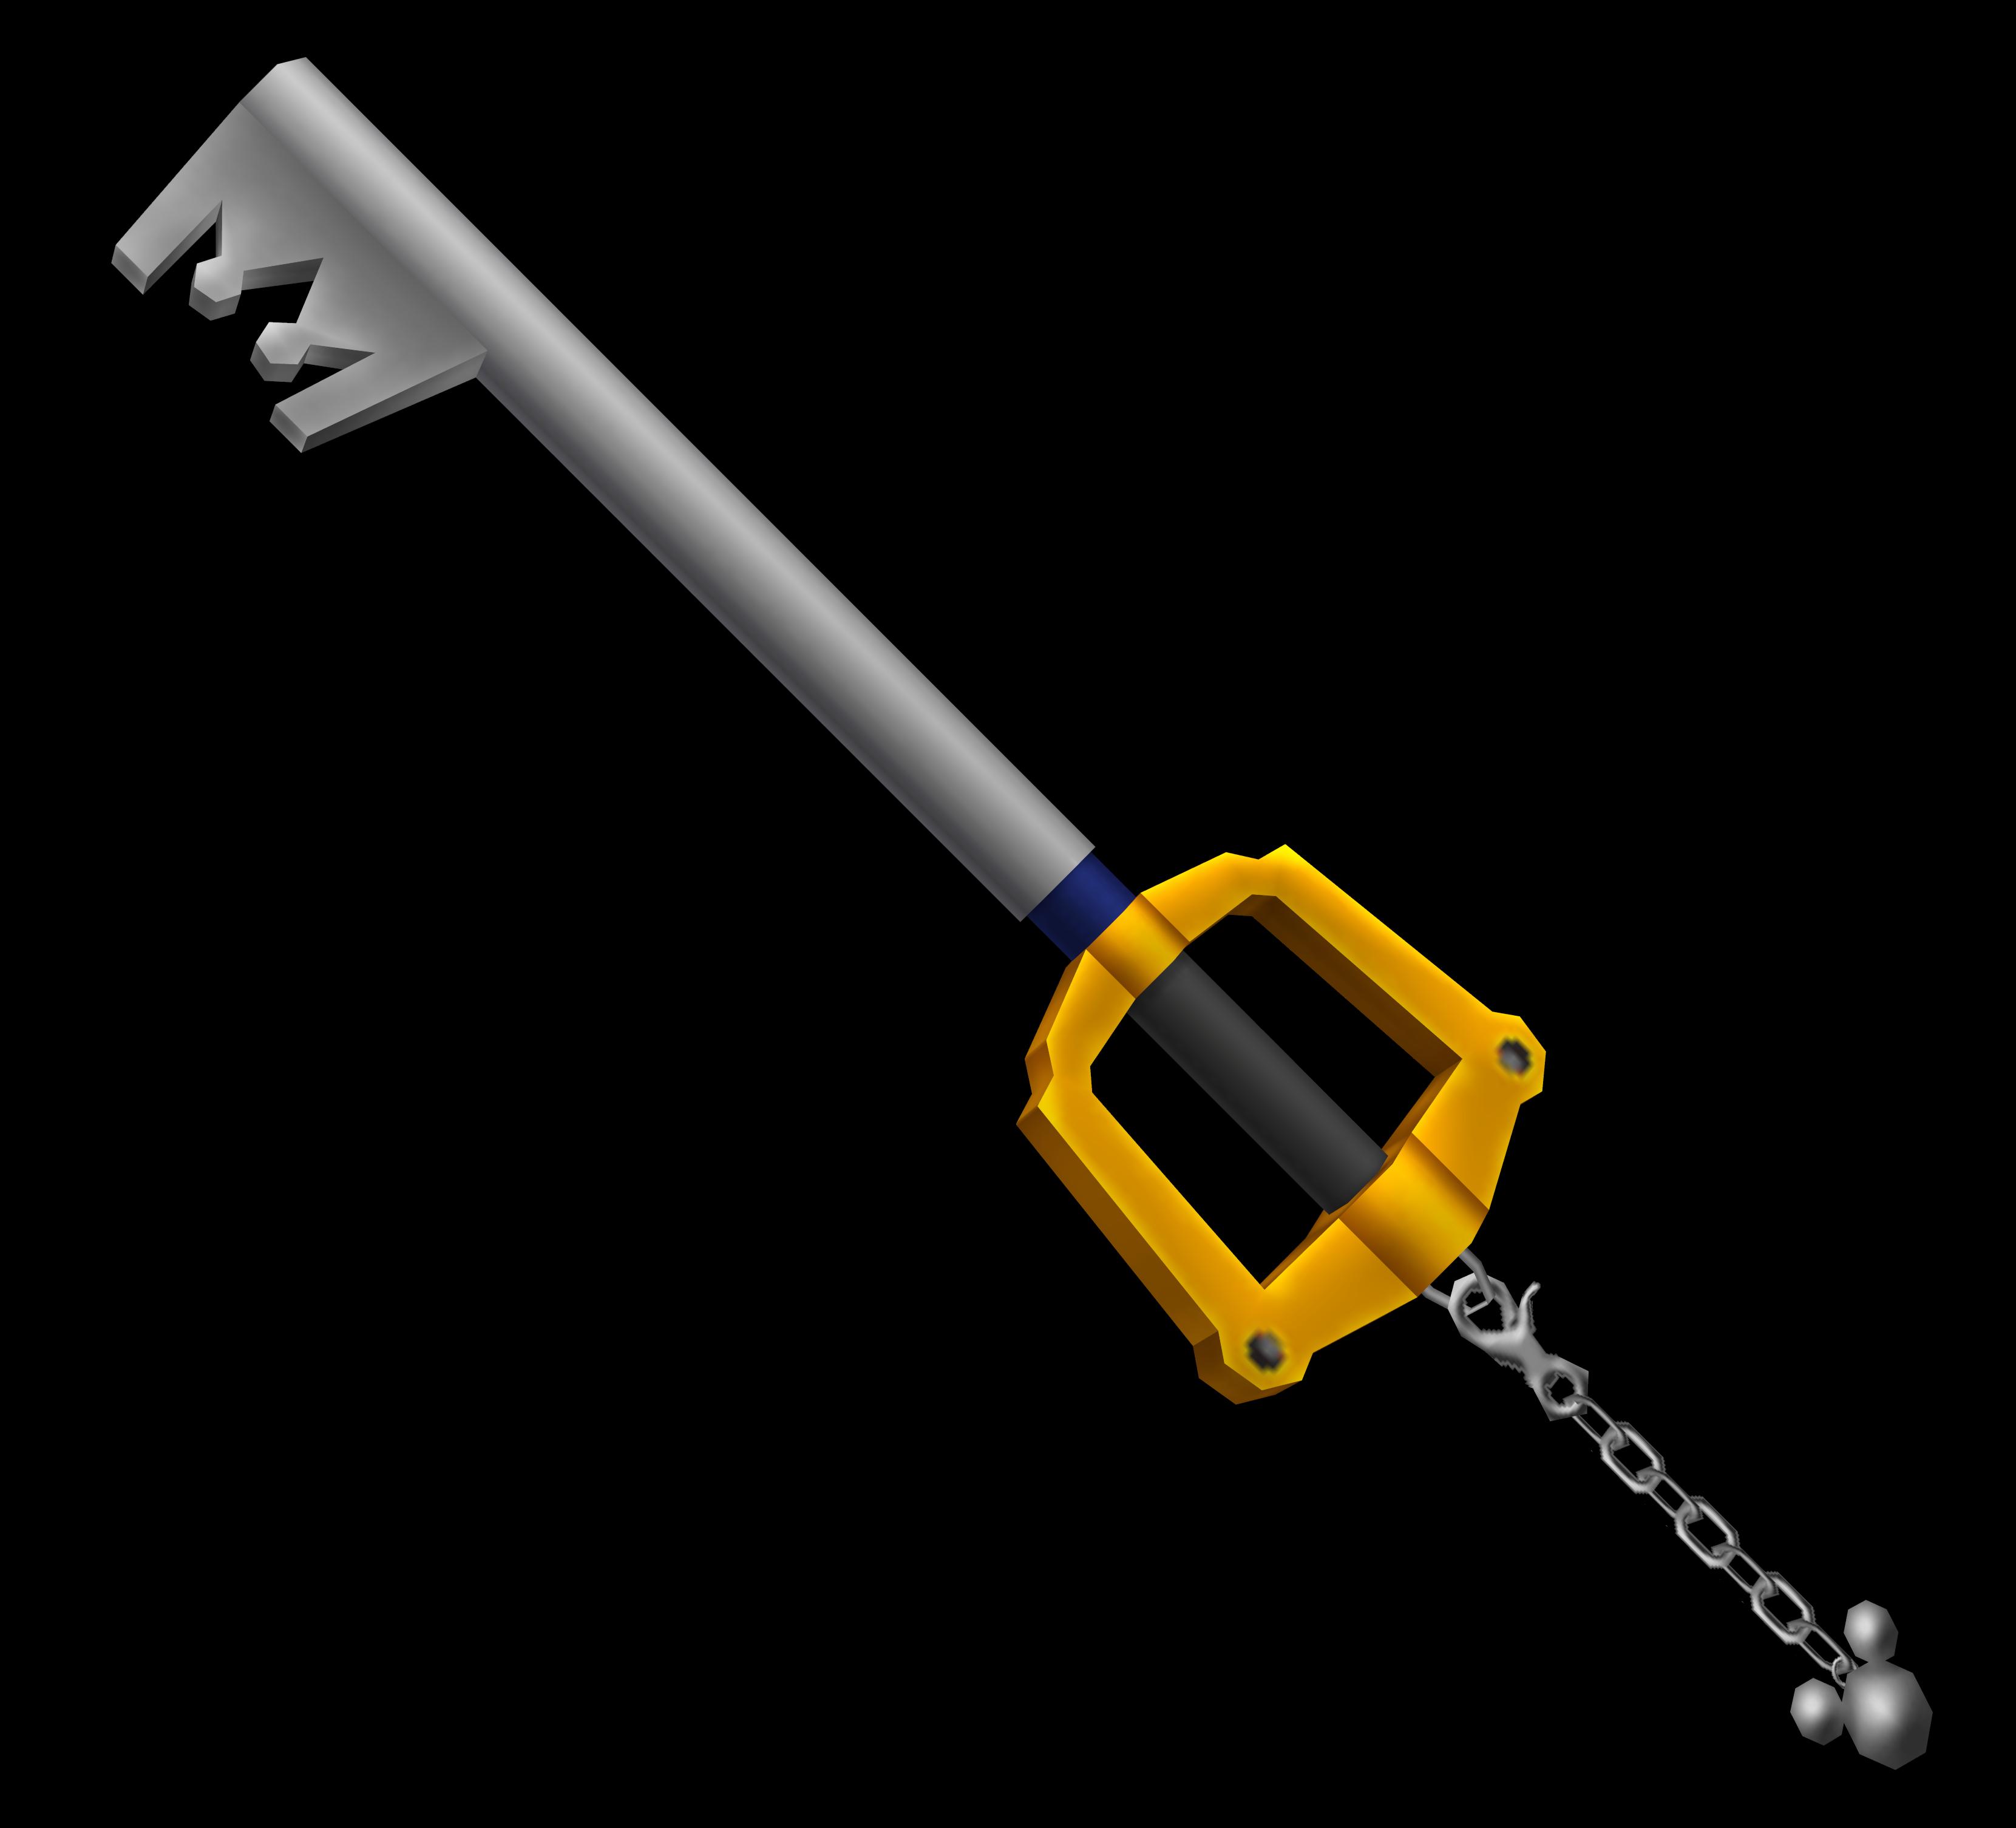 Kingdom Key from KH1 render